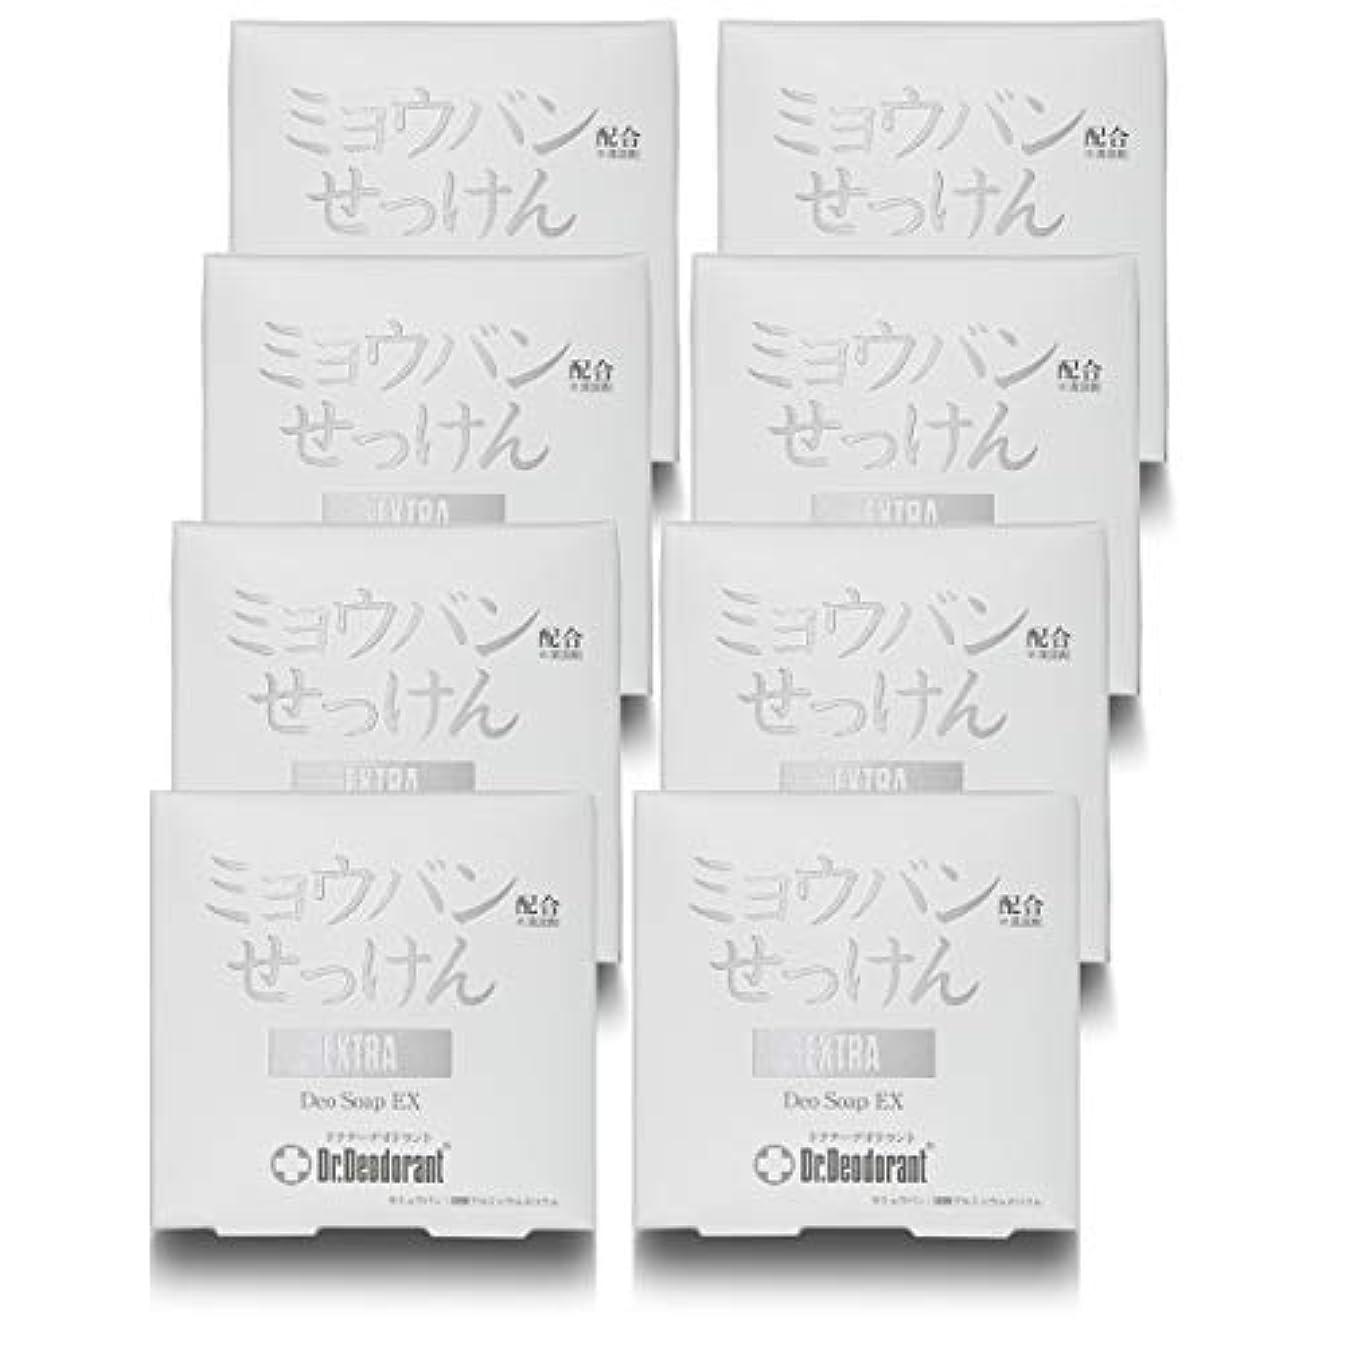 ベースクマノミメンタルドクターデオドラント 薬用ミョウバンせっけんEX (10個セット)